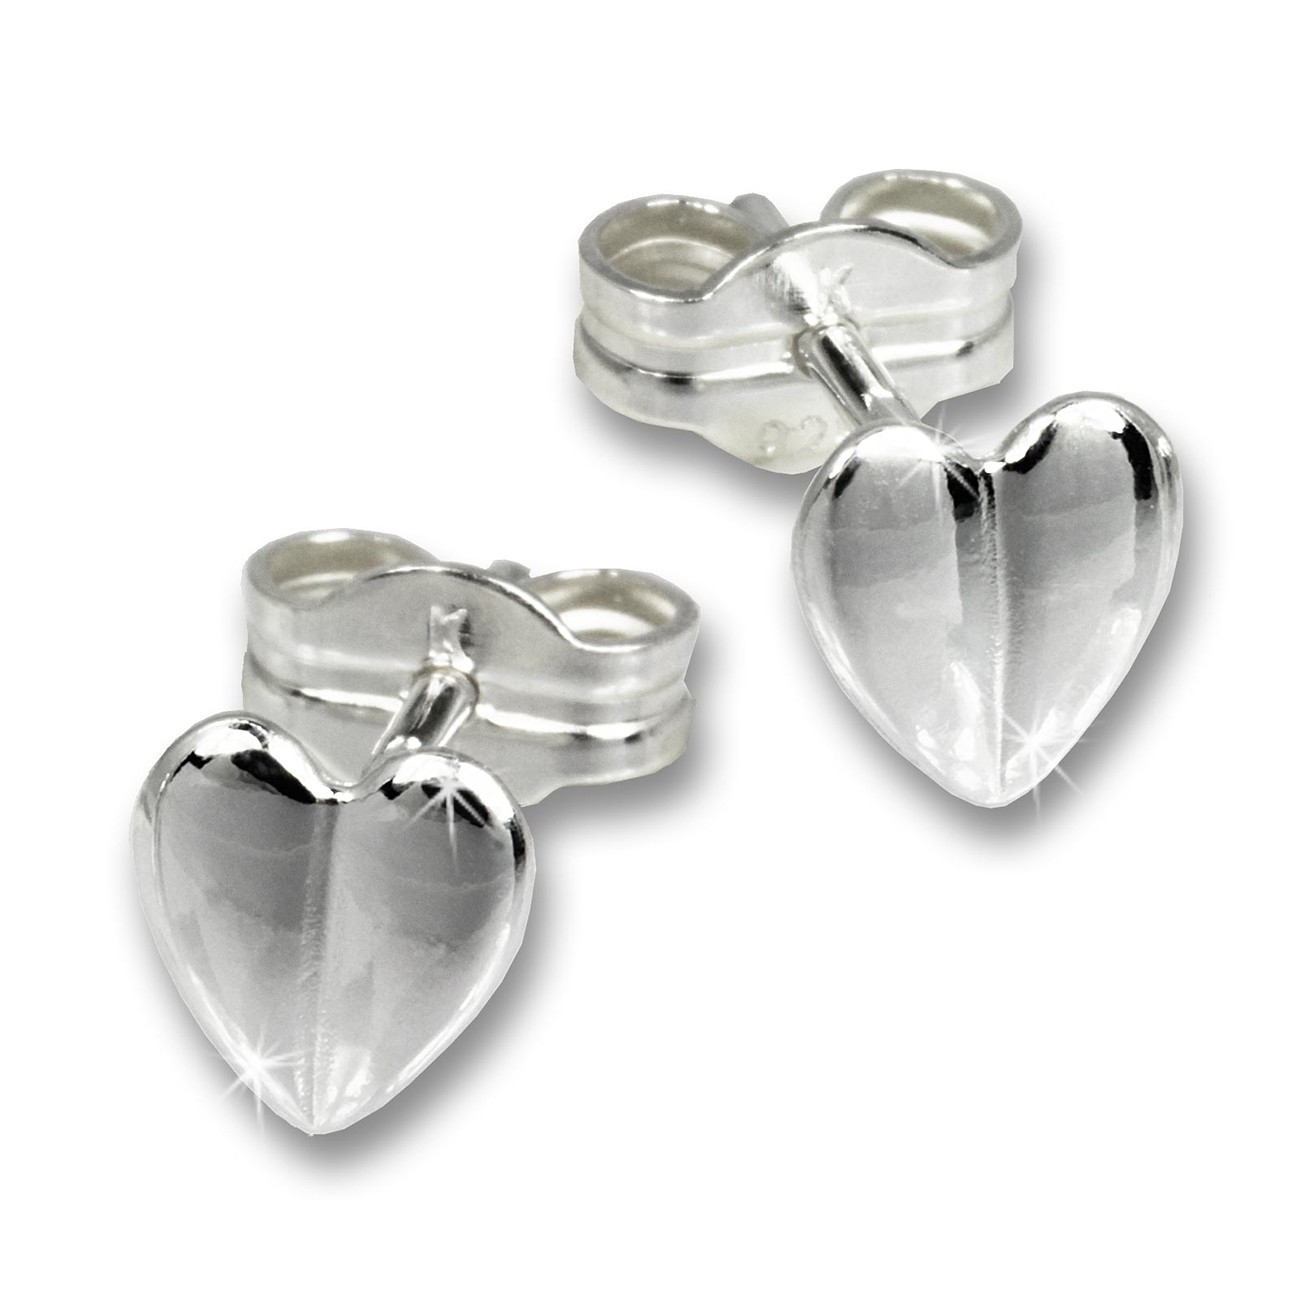 SilberDream Ohrringe Herzchen 925er Silber Ohrstecker SDO536